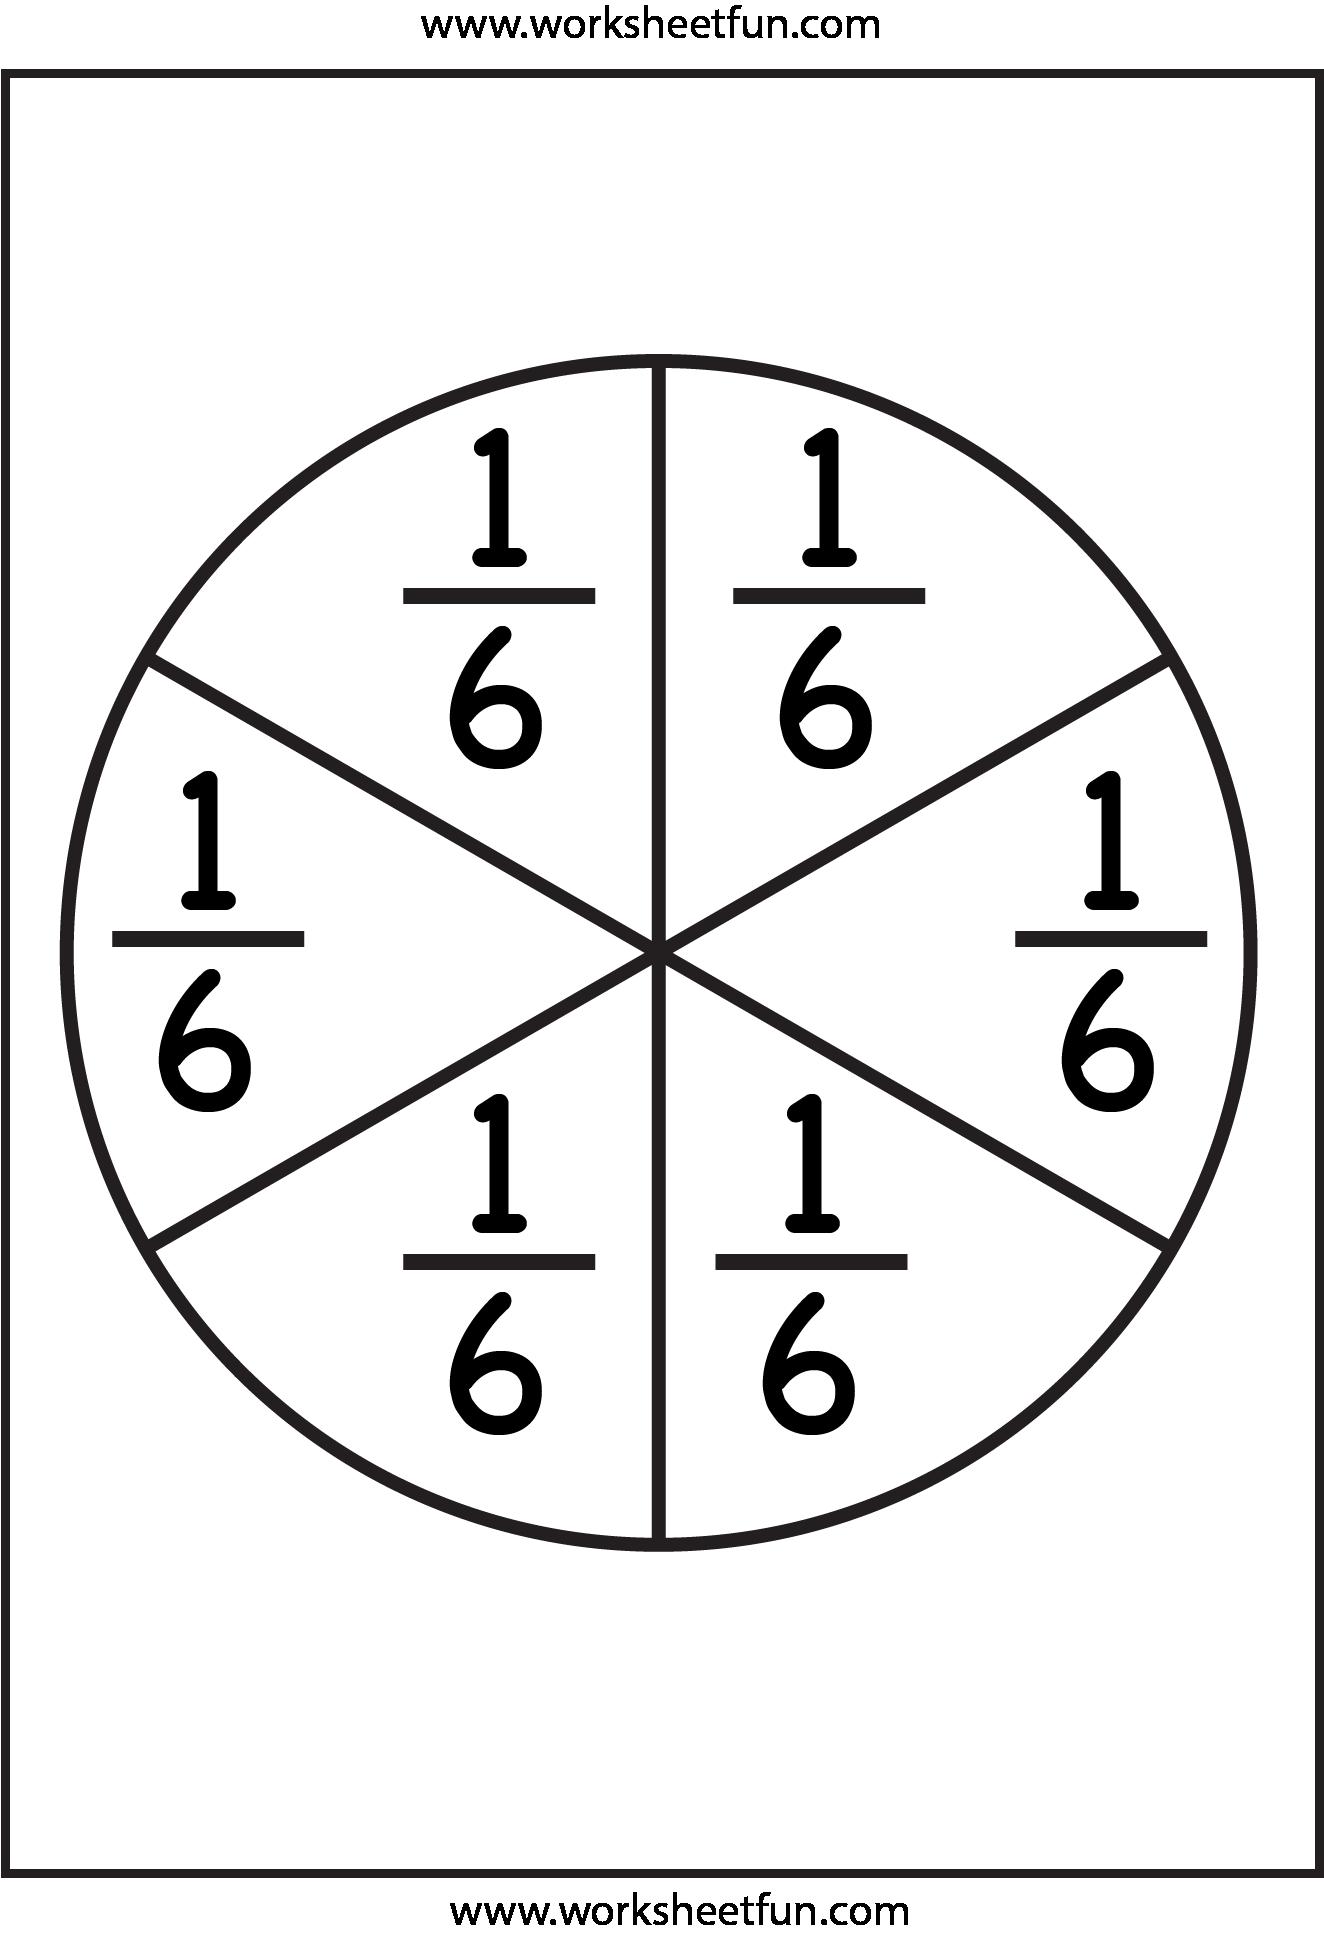 fraction-worksheetfun-5.png (1324×1937)   Matek   Pinterest   Math